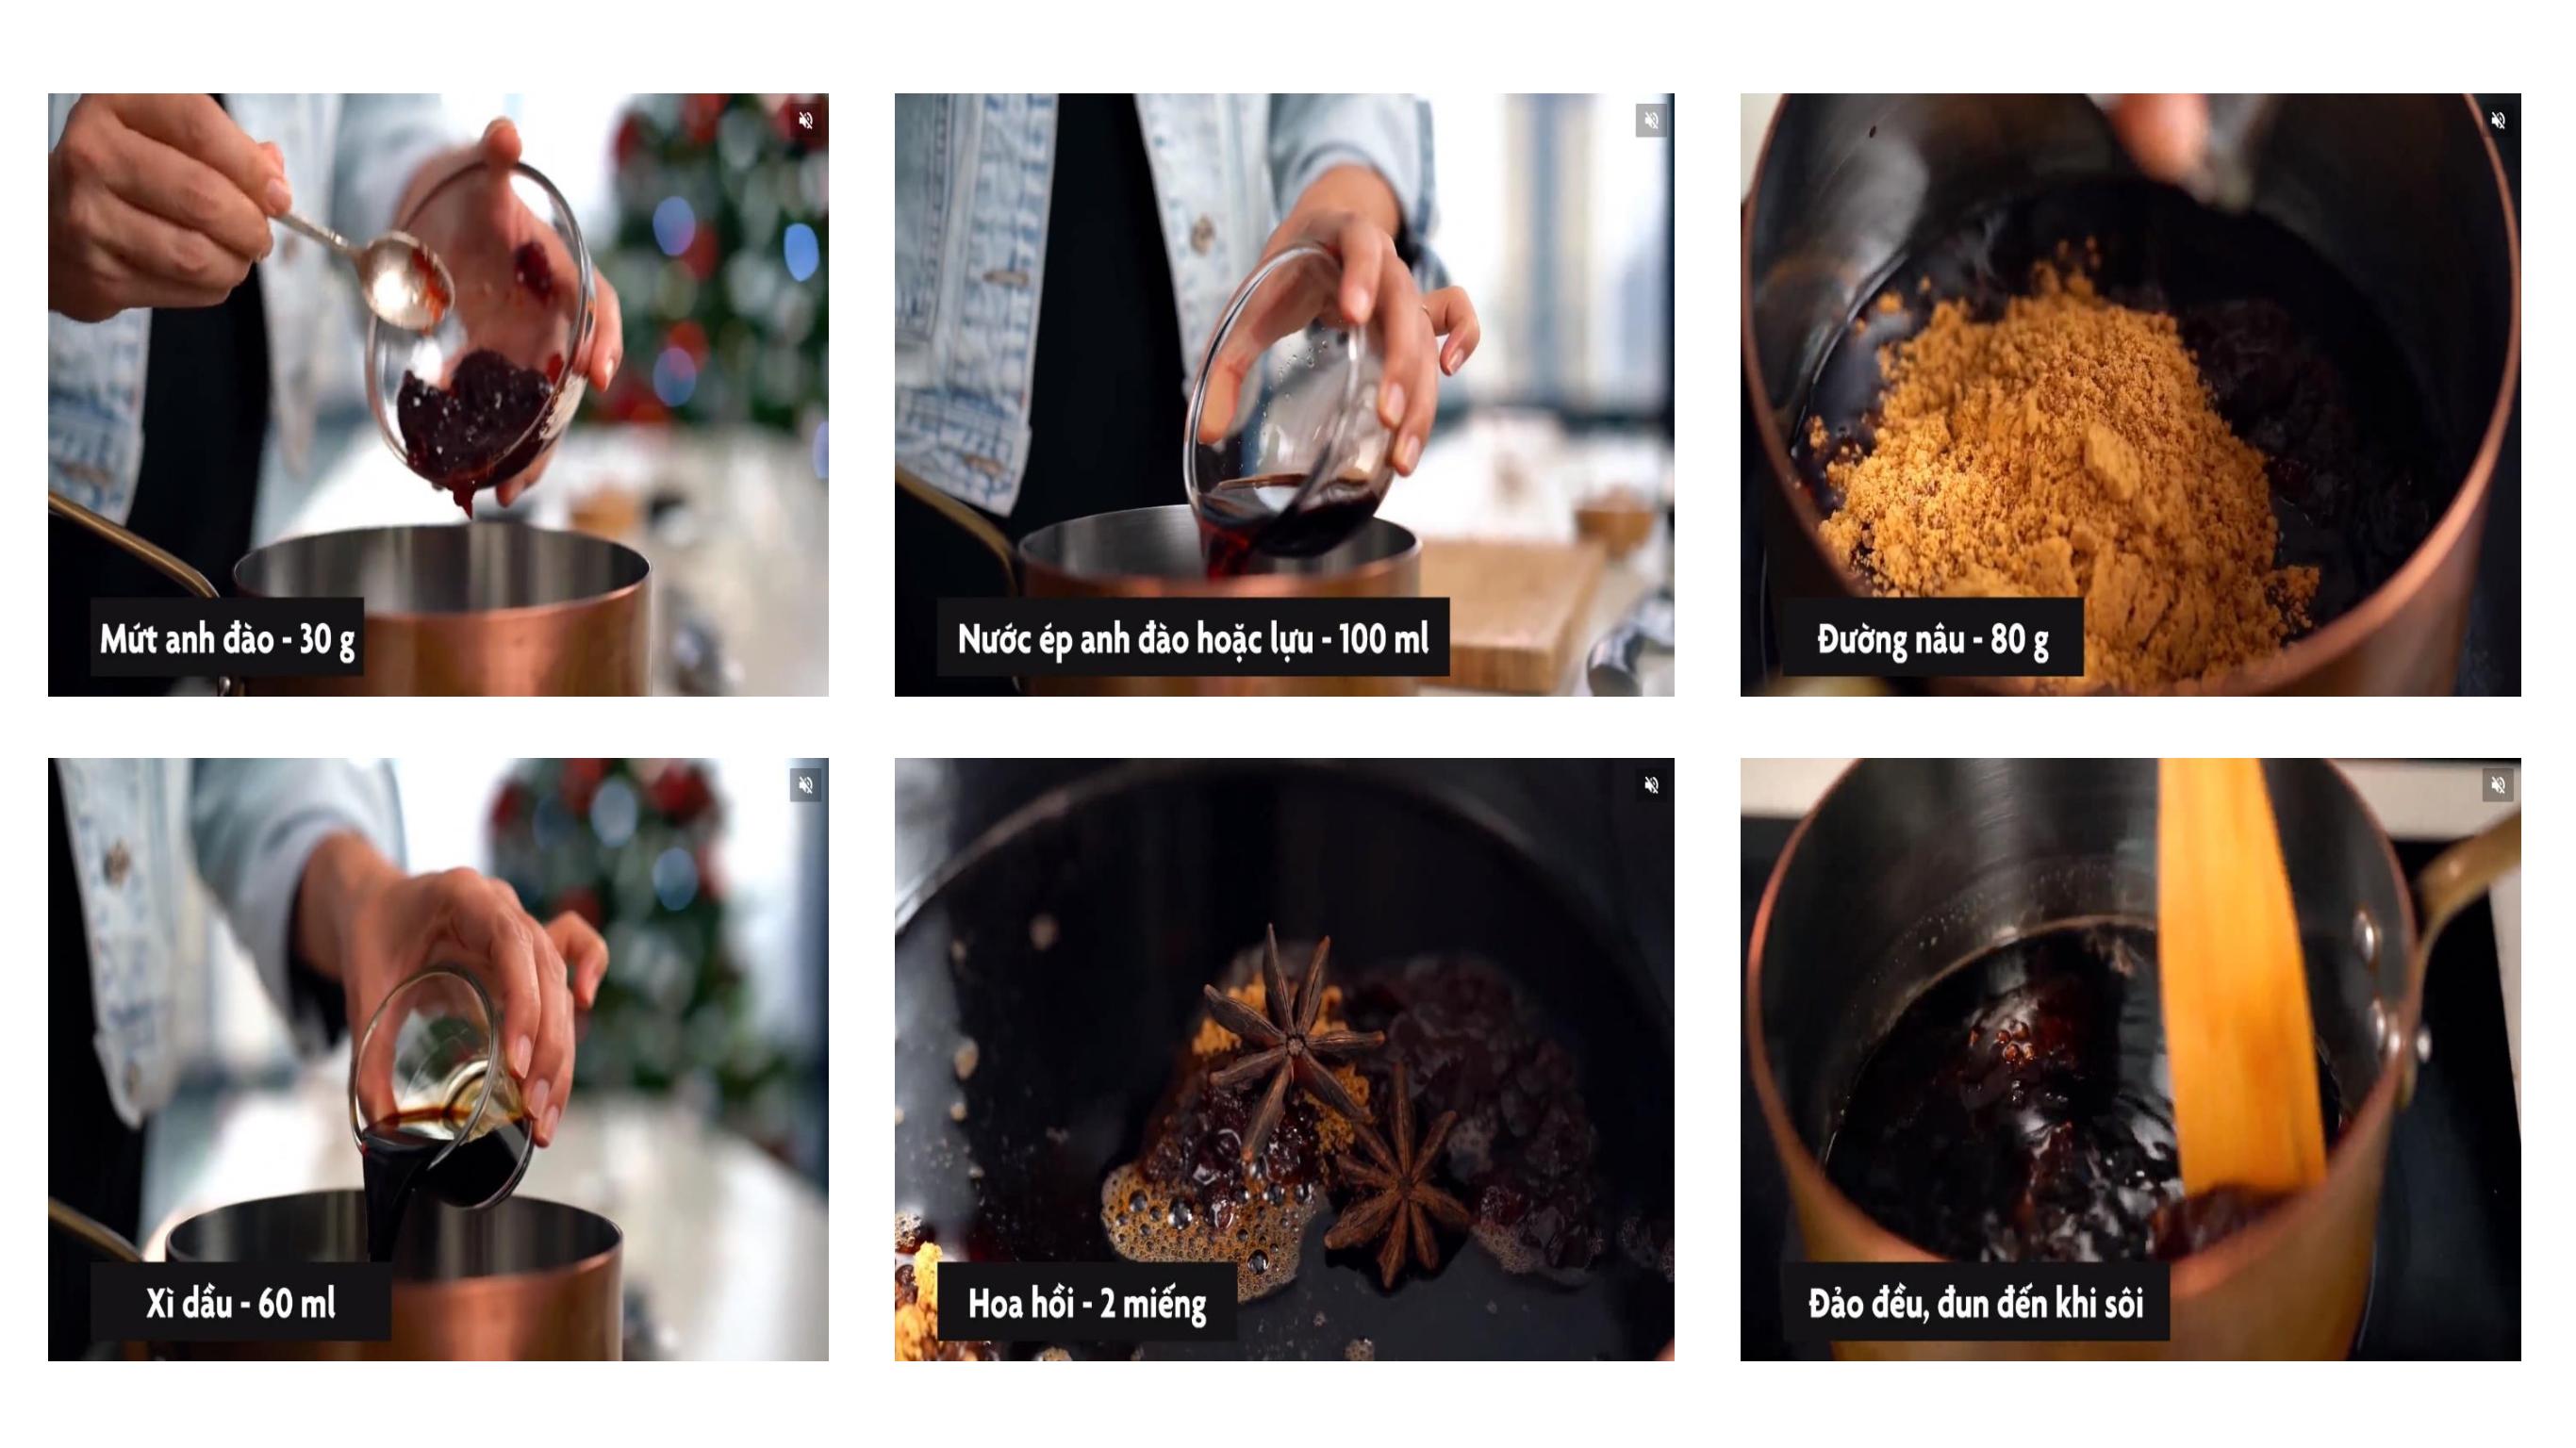 18a-dui-heo-nuong-giang-sinh-nguyen-ha-food